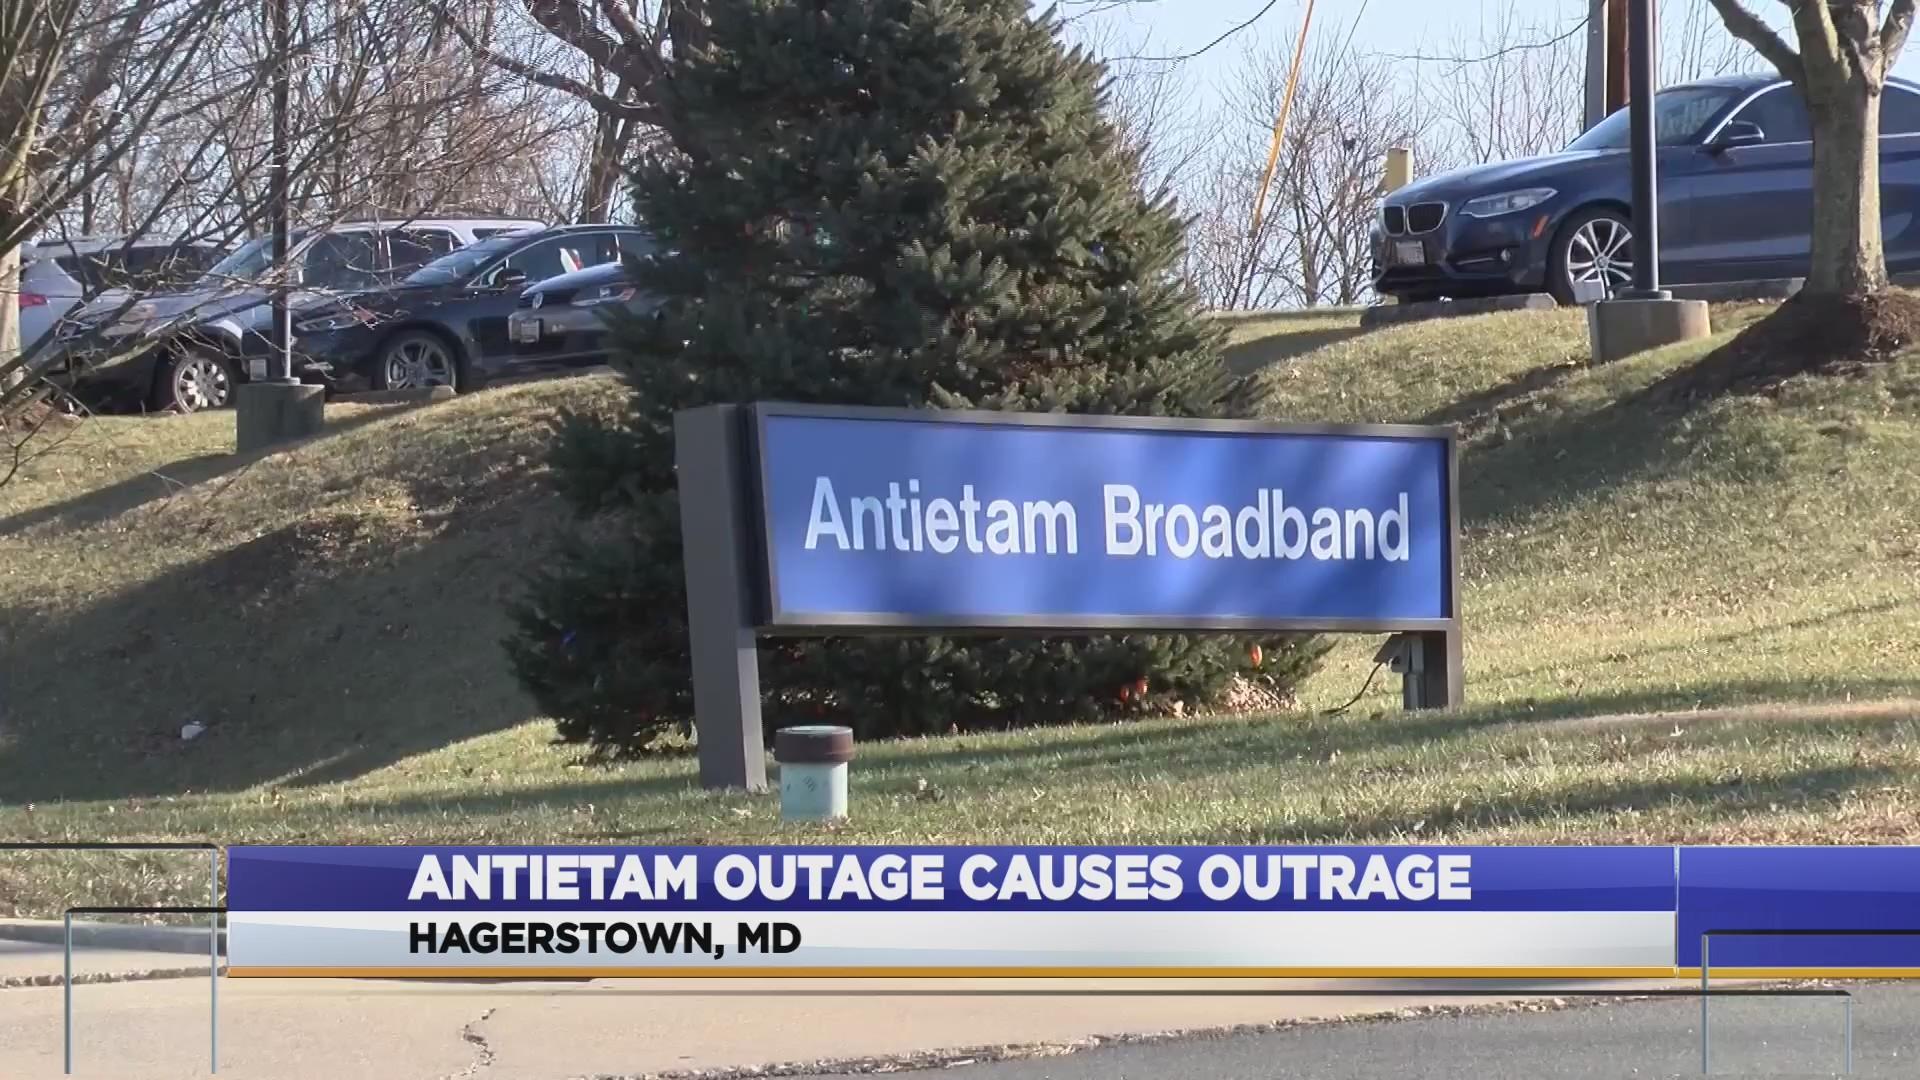 Antietam_outage_0_20190426211940